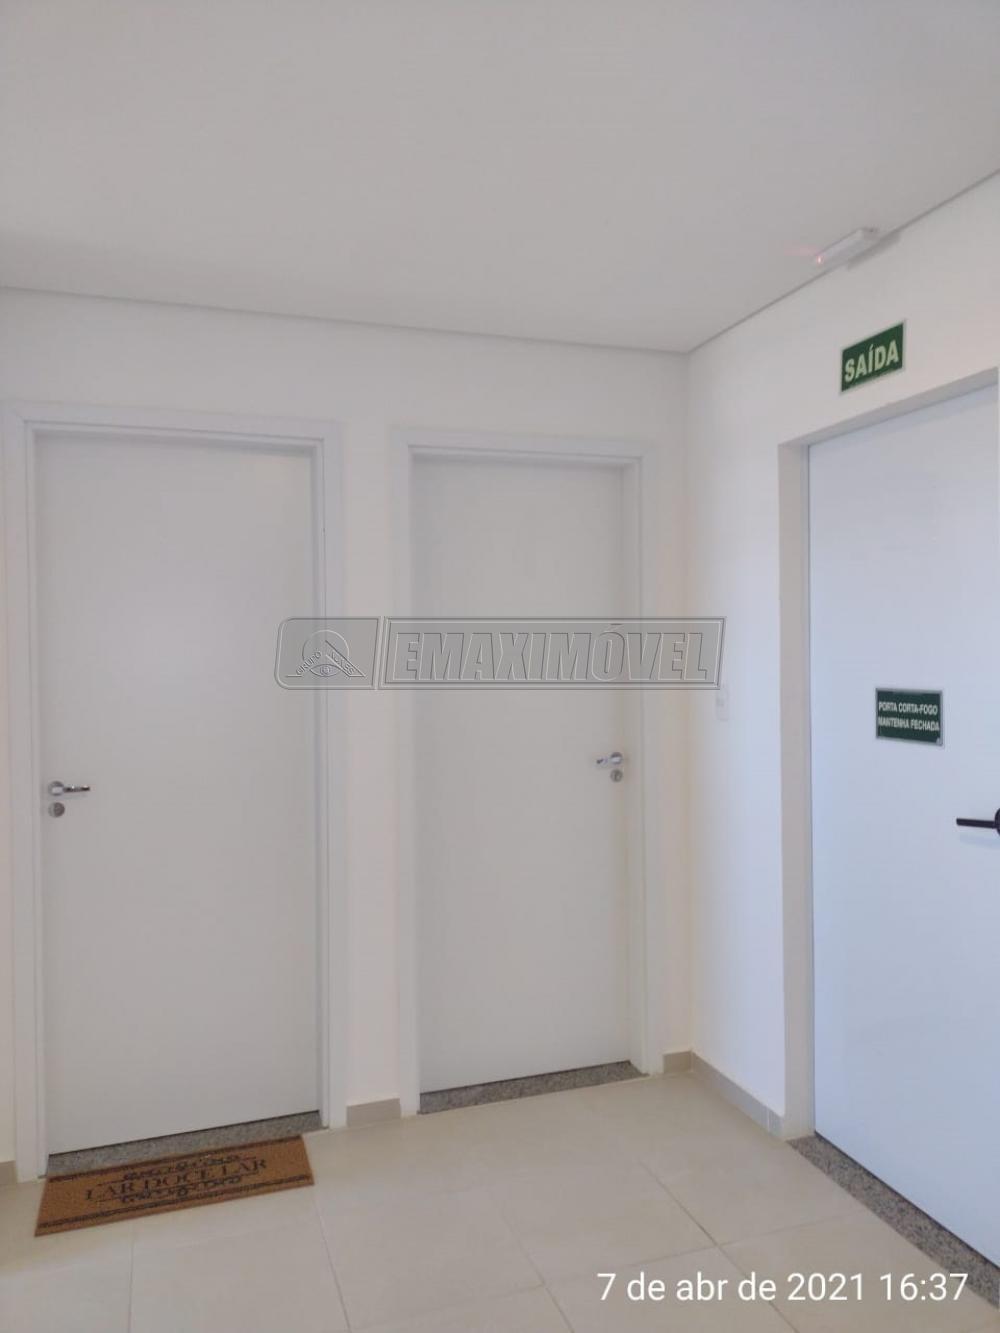 Comprar Apartamentos / Apto Padrão em Sorocaba R$ 280.000,00 - Foto 5